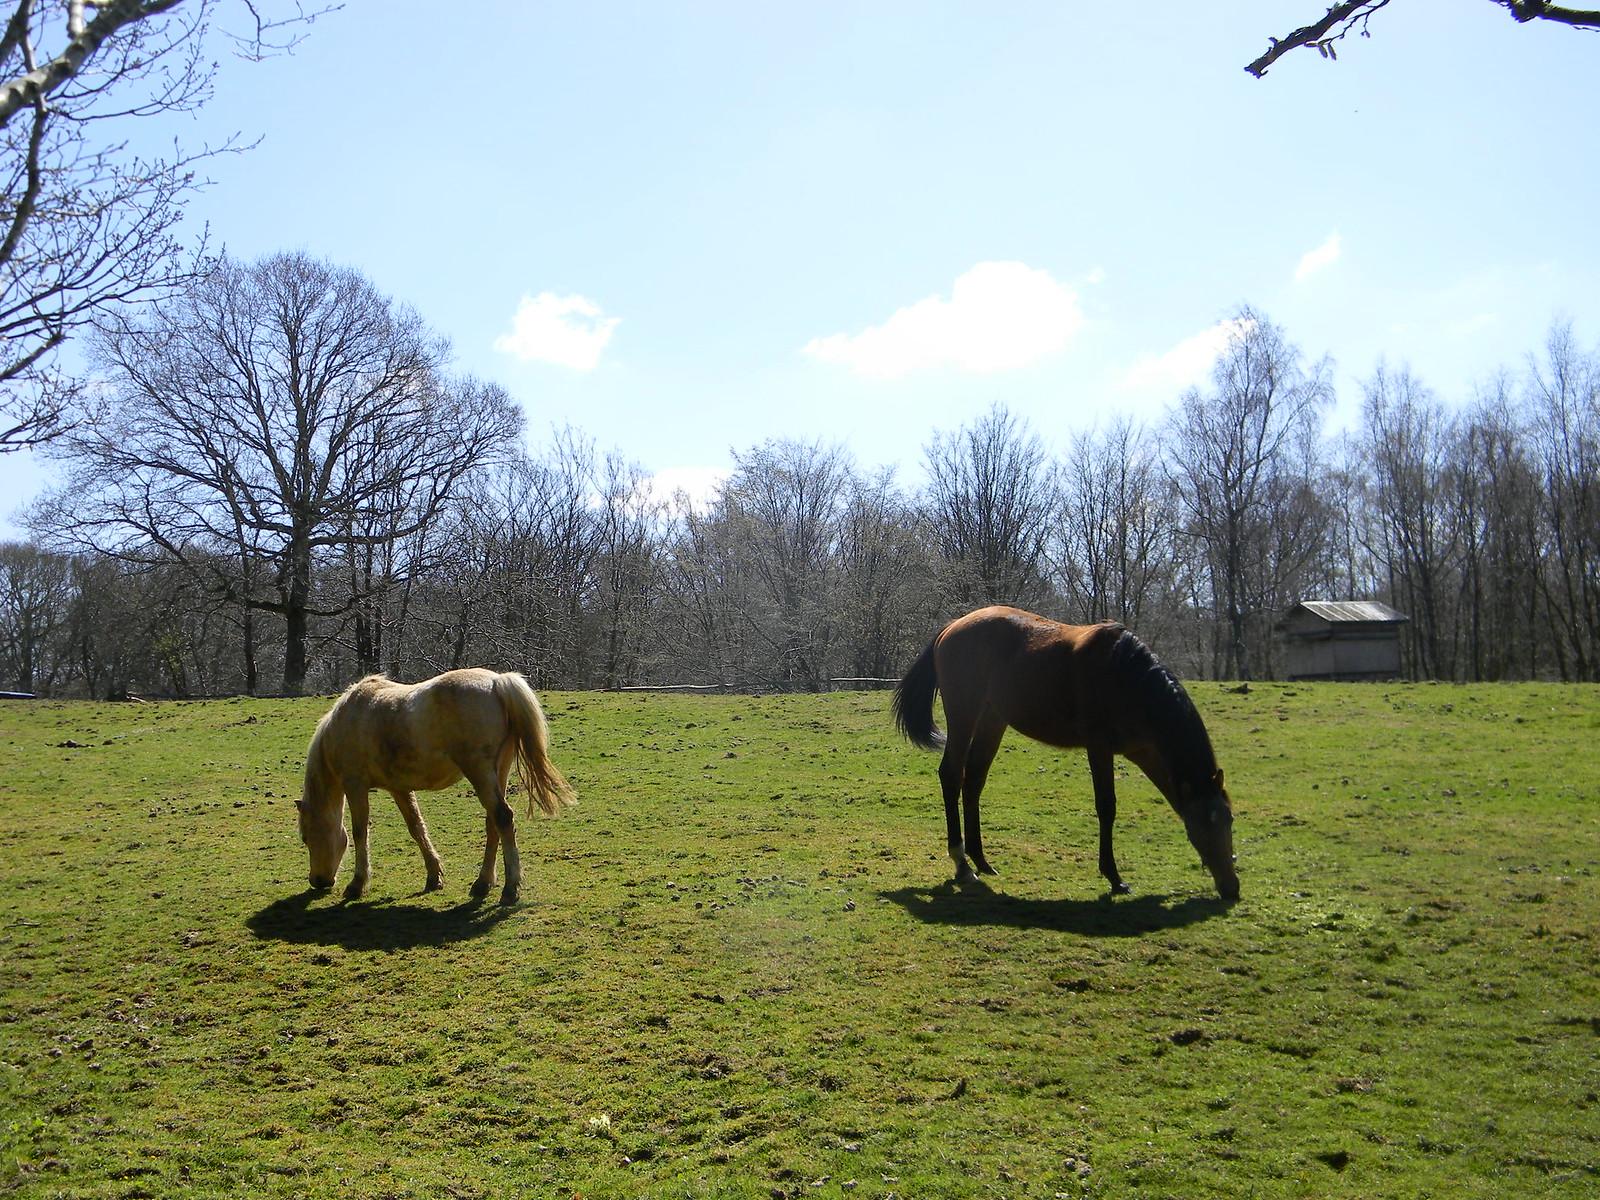 Horses In a field Robertsbridge to Battle